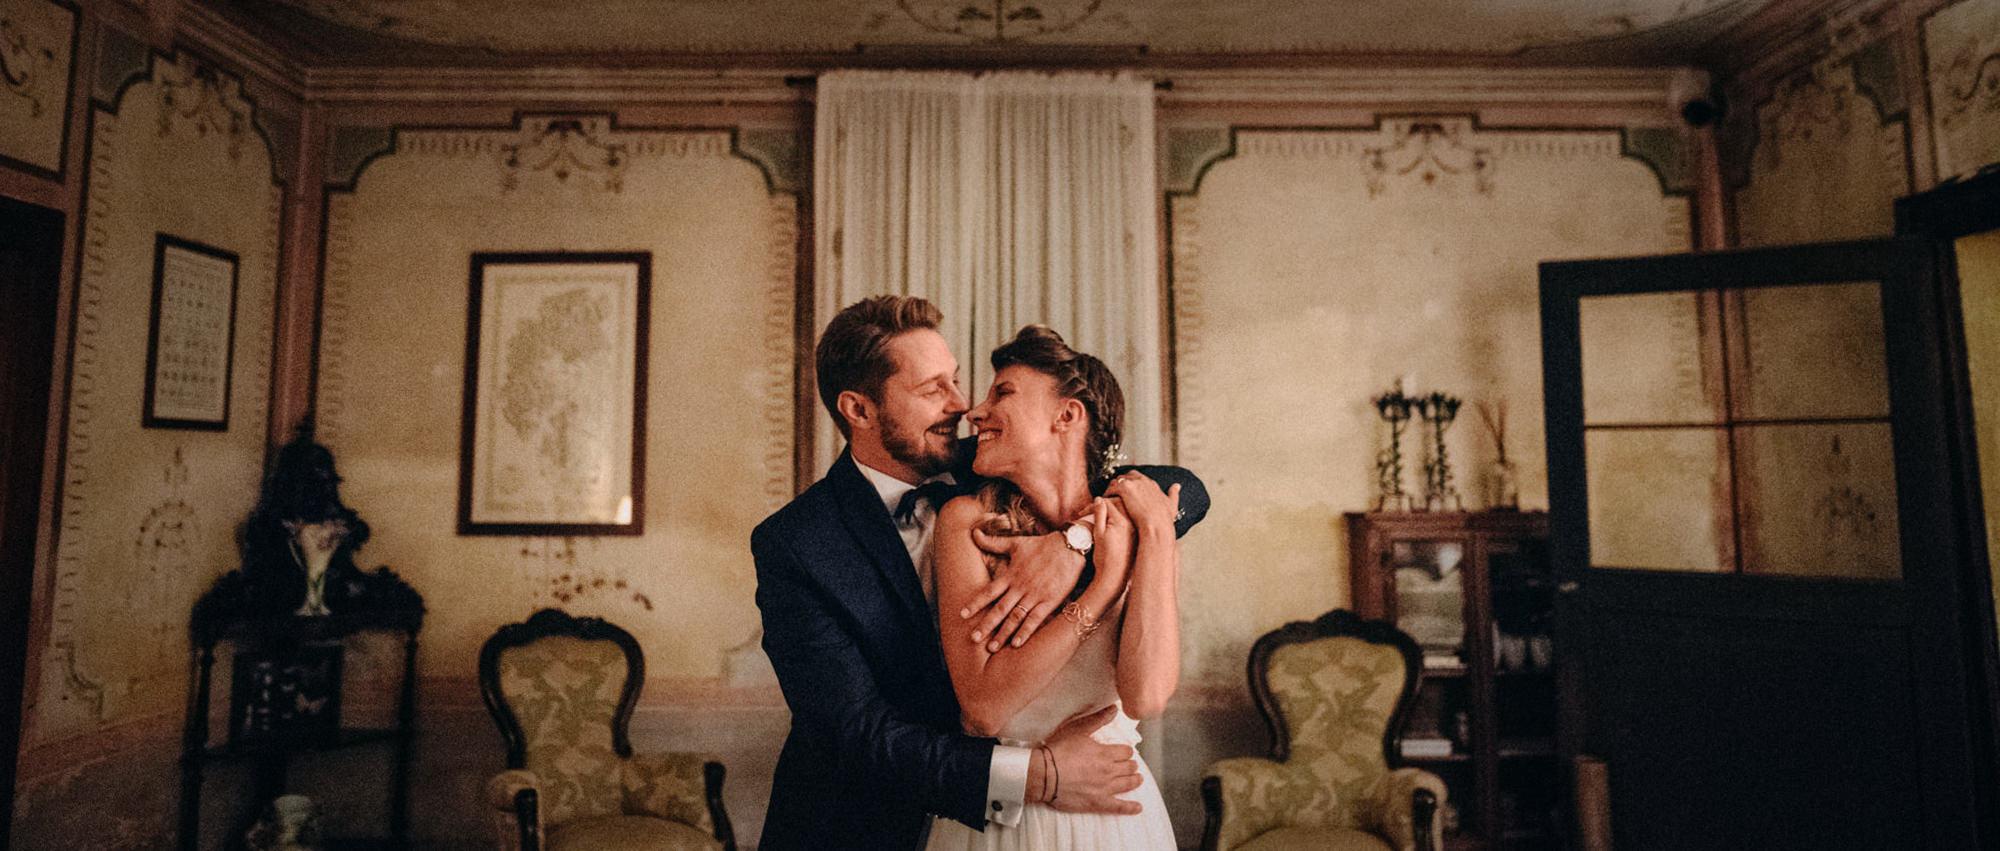 vintage wedding italy 001 - Vintage Wedding Italy - Sara & Simone